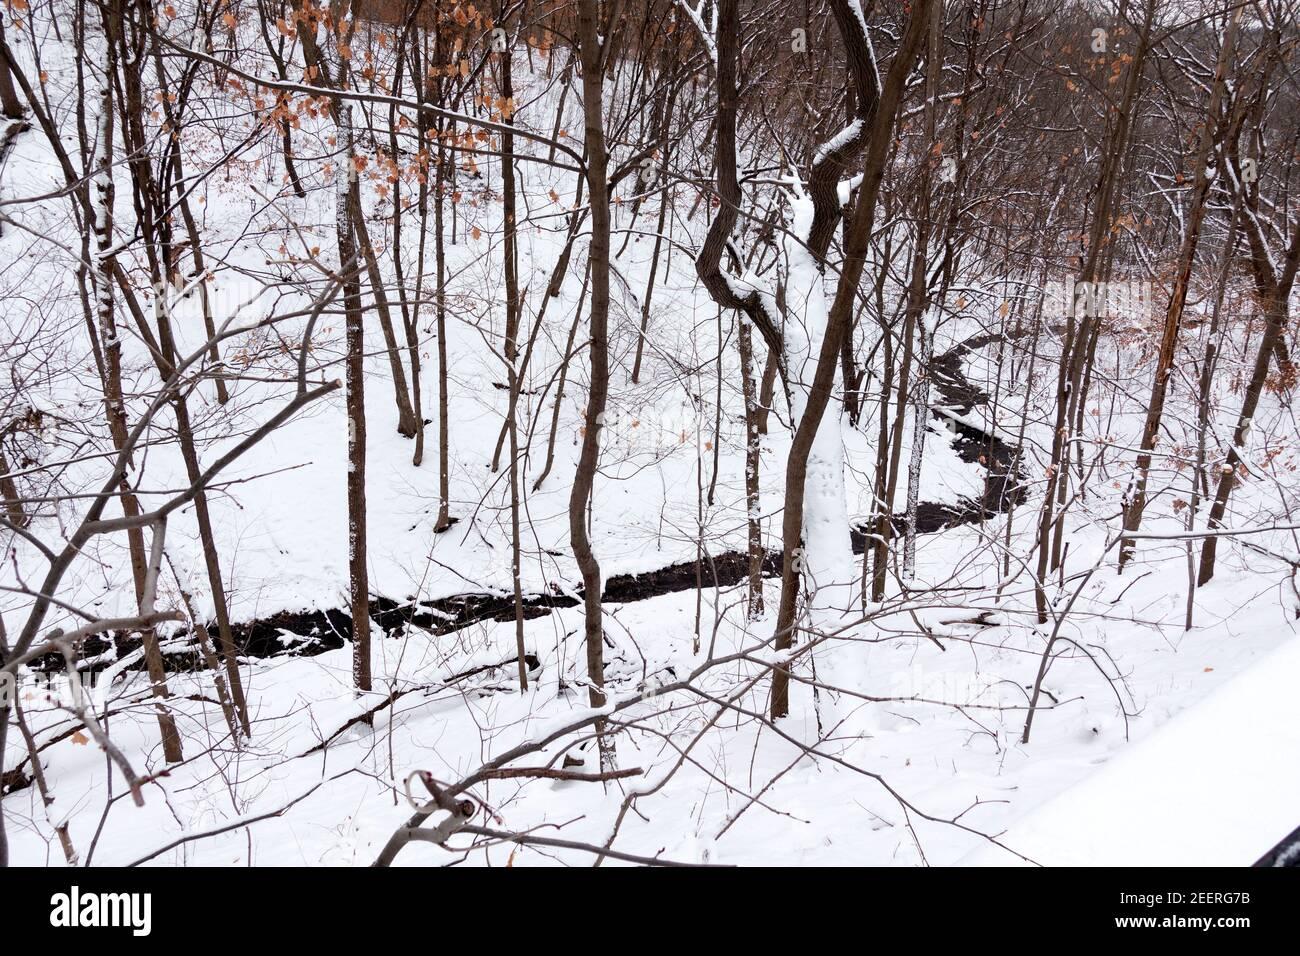 Shadow Falls Creek fluyendo en una ruta curva a través de la nieve hasta el Río Mississippi. St Paul Minnesota MN EE.UU Foto de stock